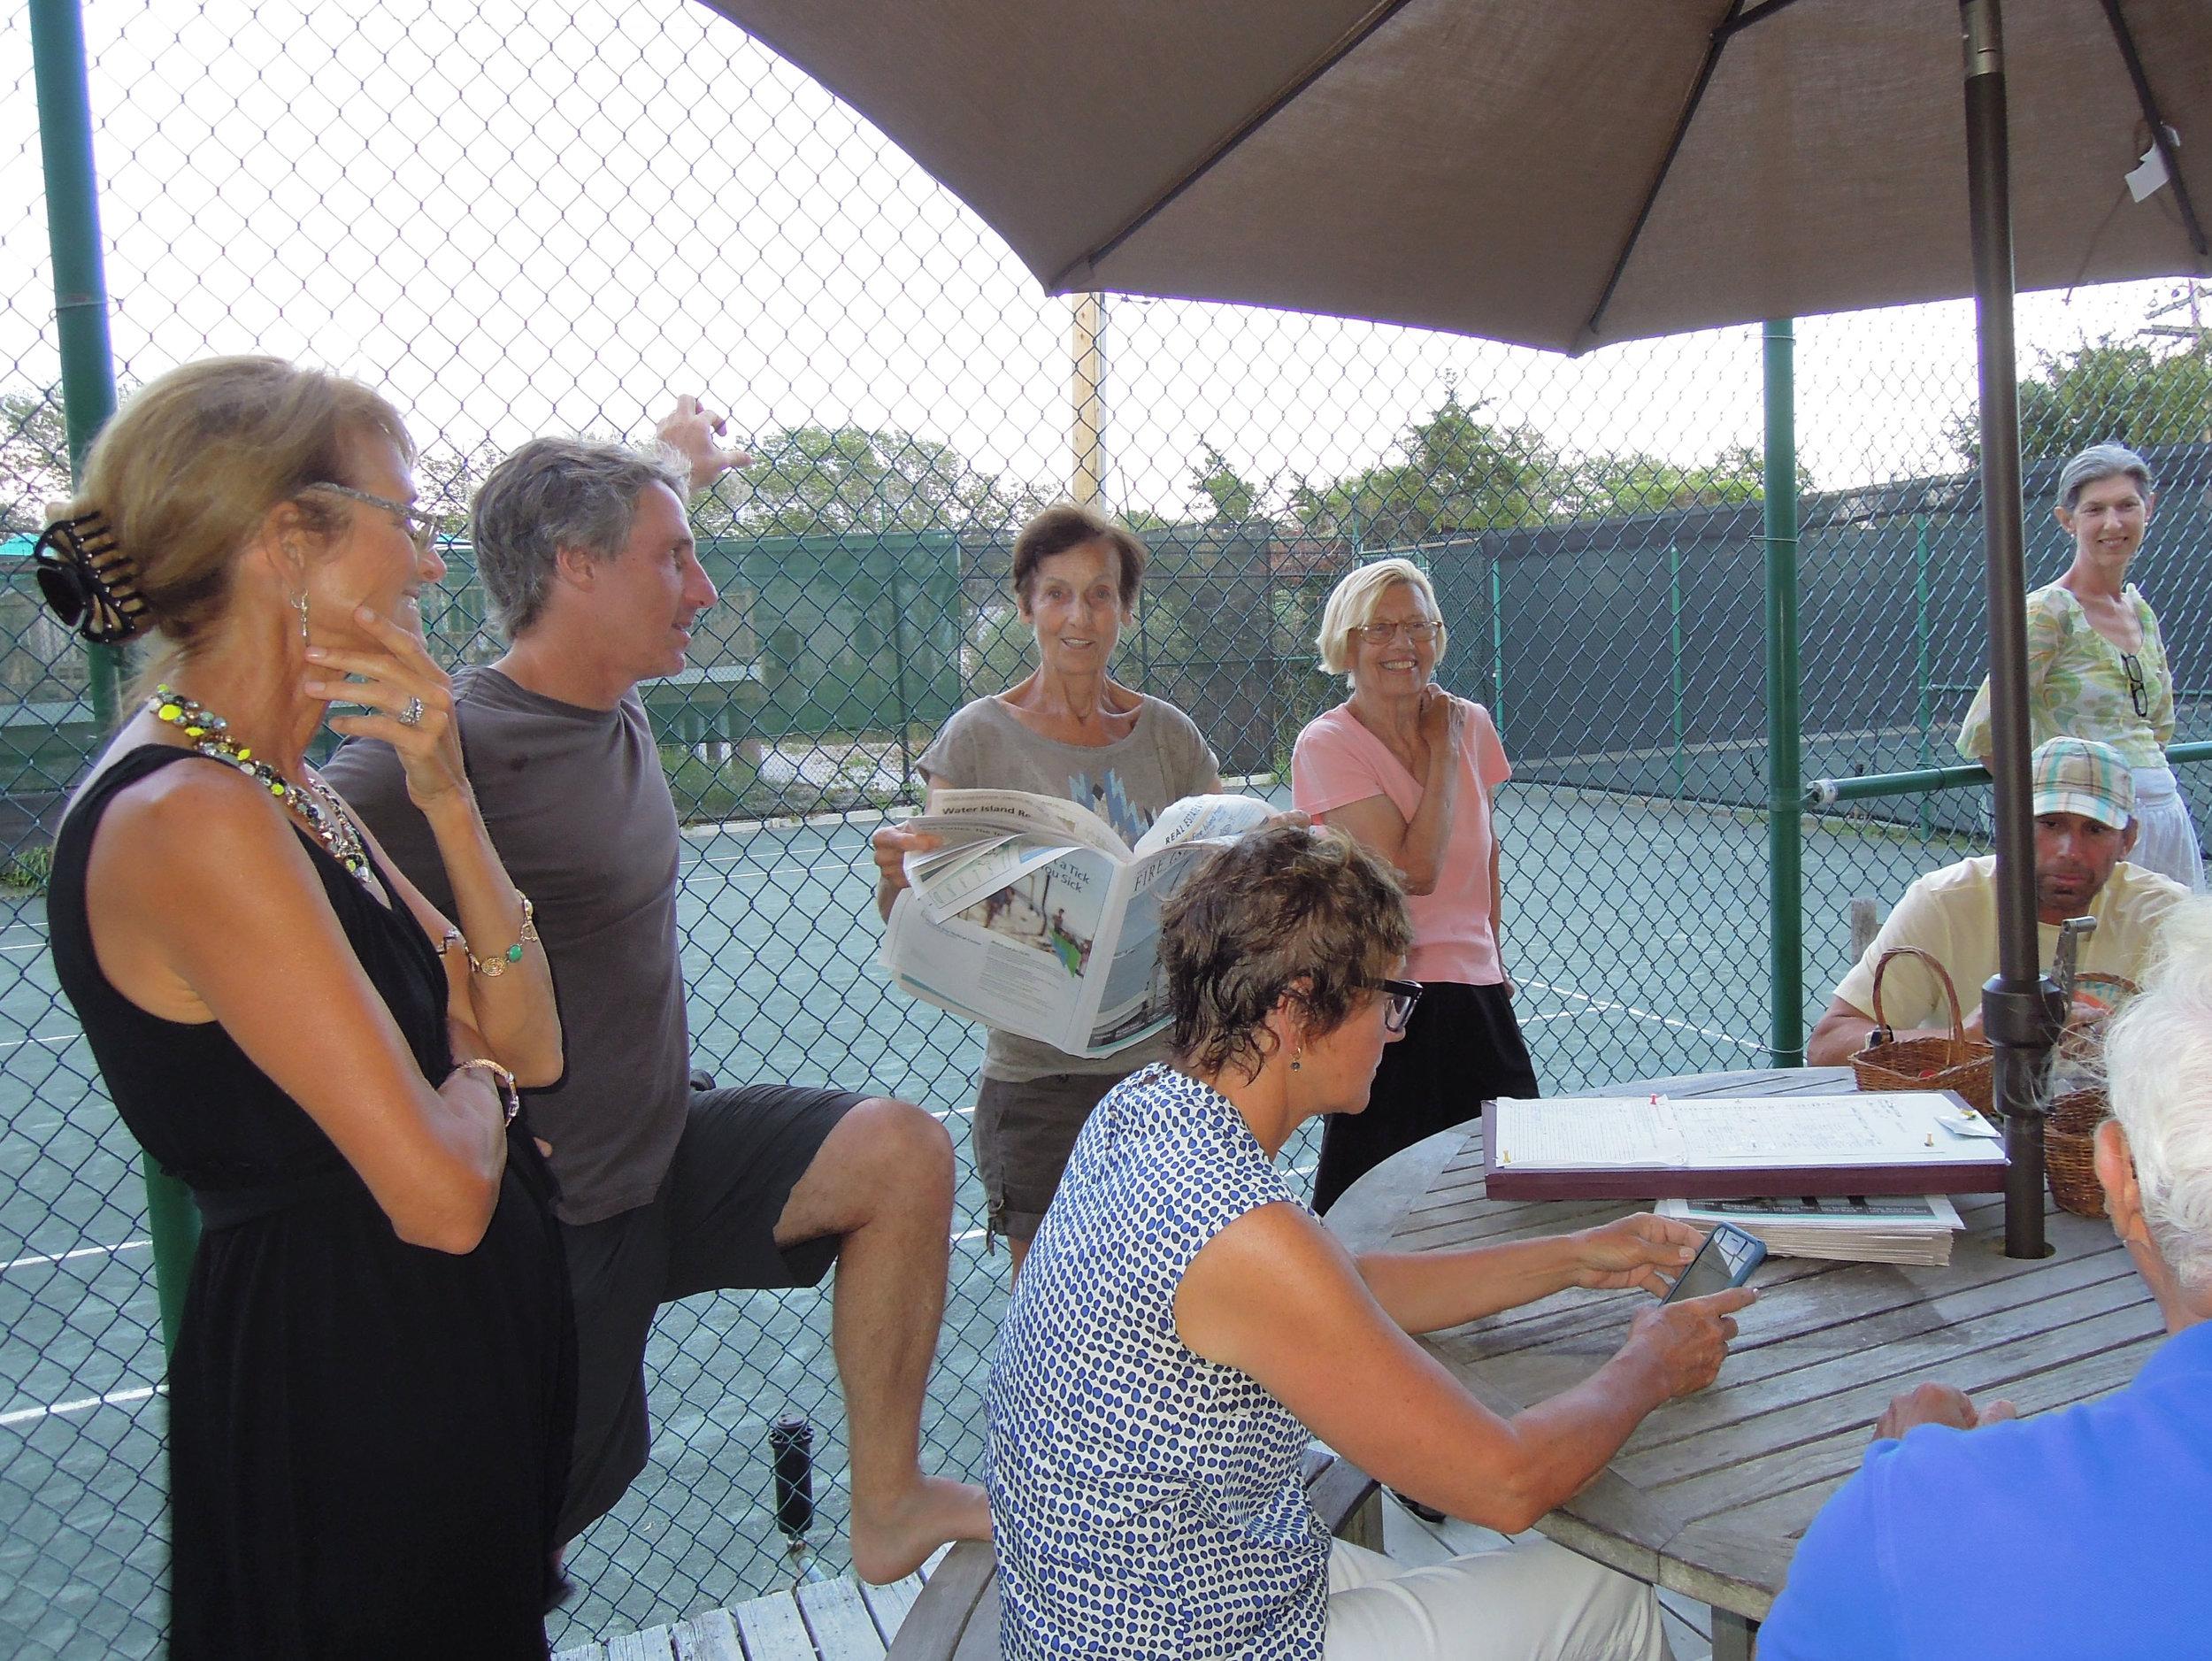 Tennis Sign Up